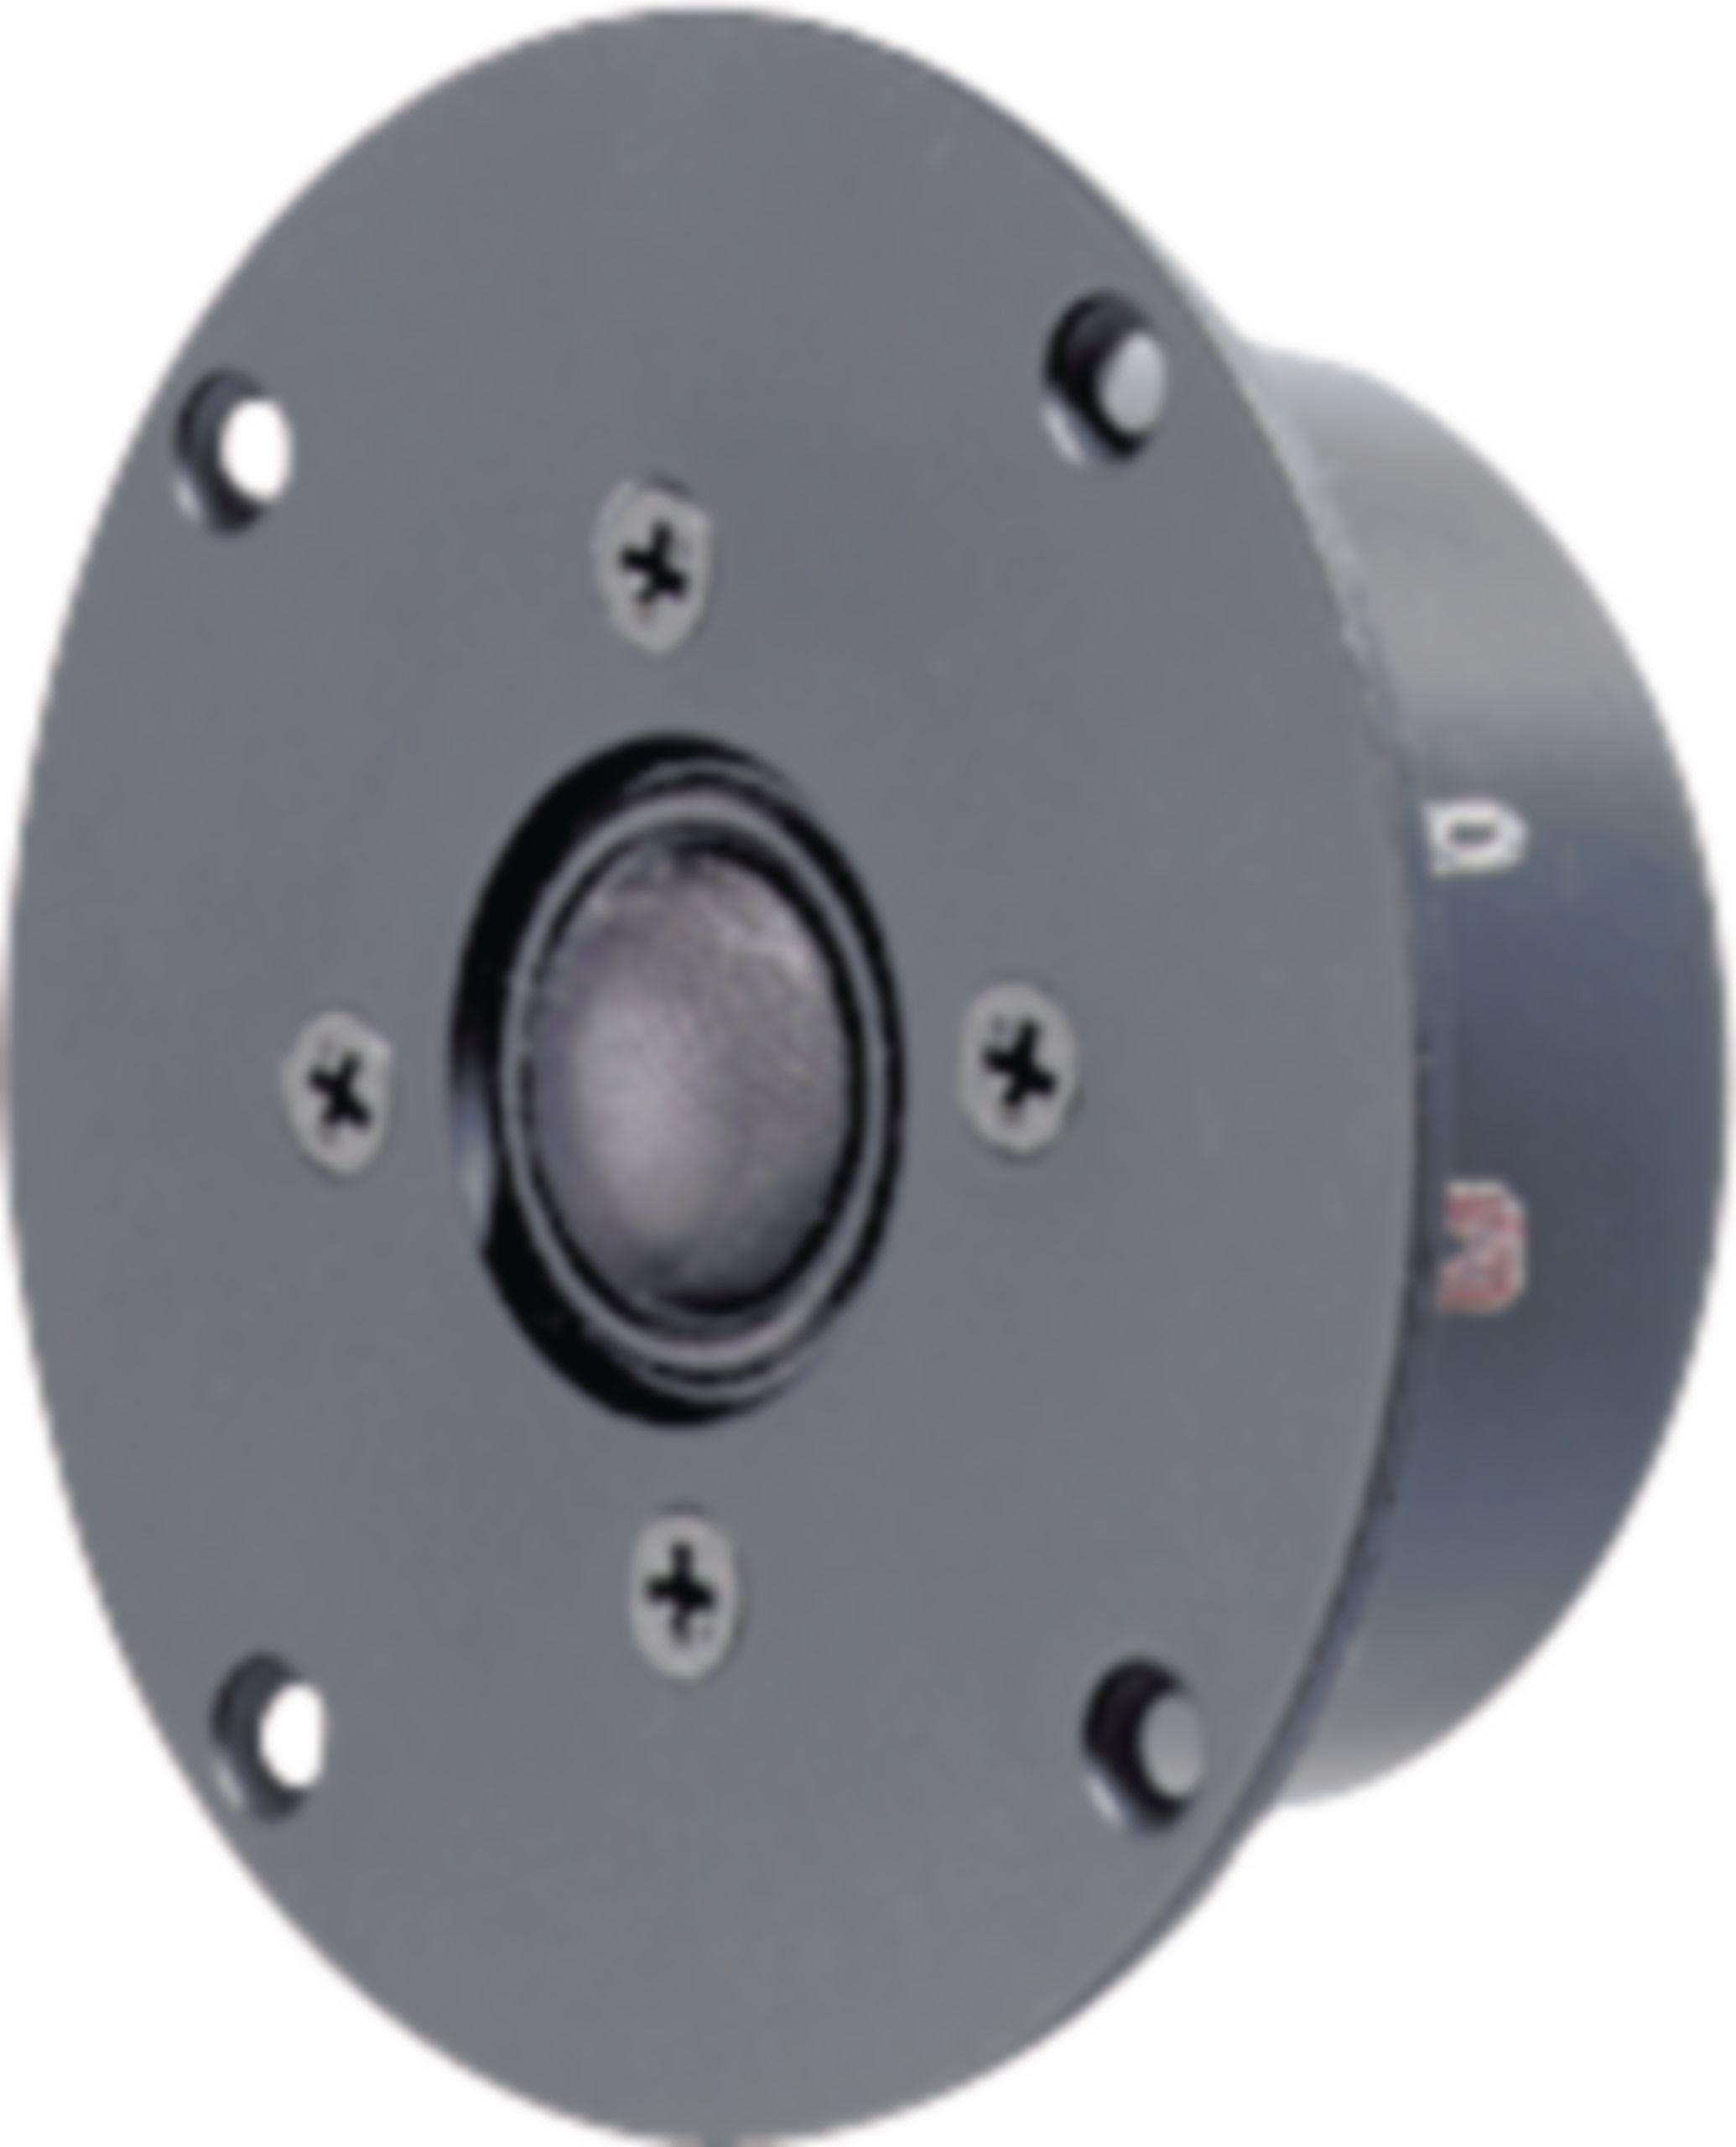 magnetisch-abgeschirmte-high-end-gewebekalotte-20-mm-08-8-ohm